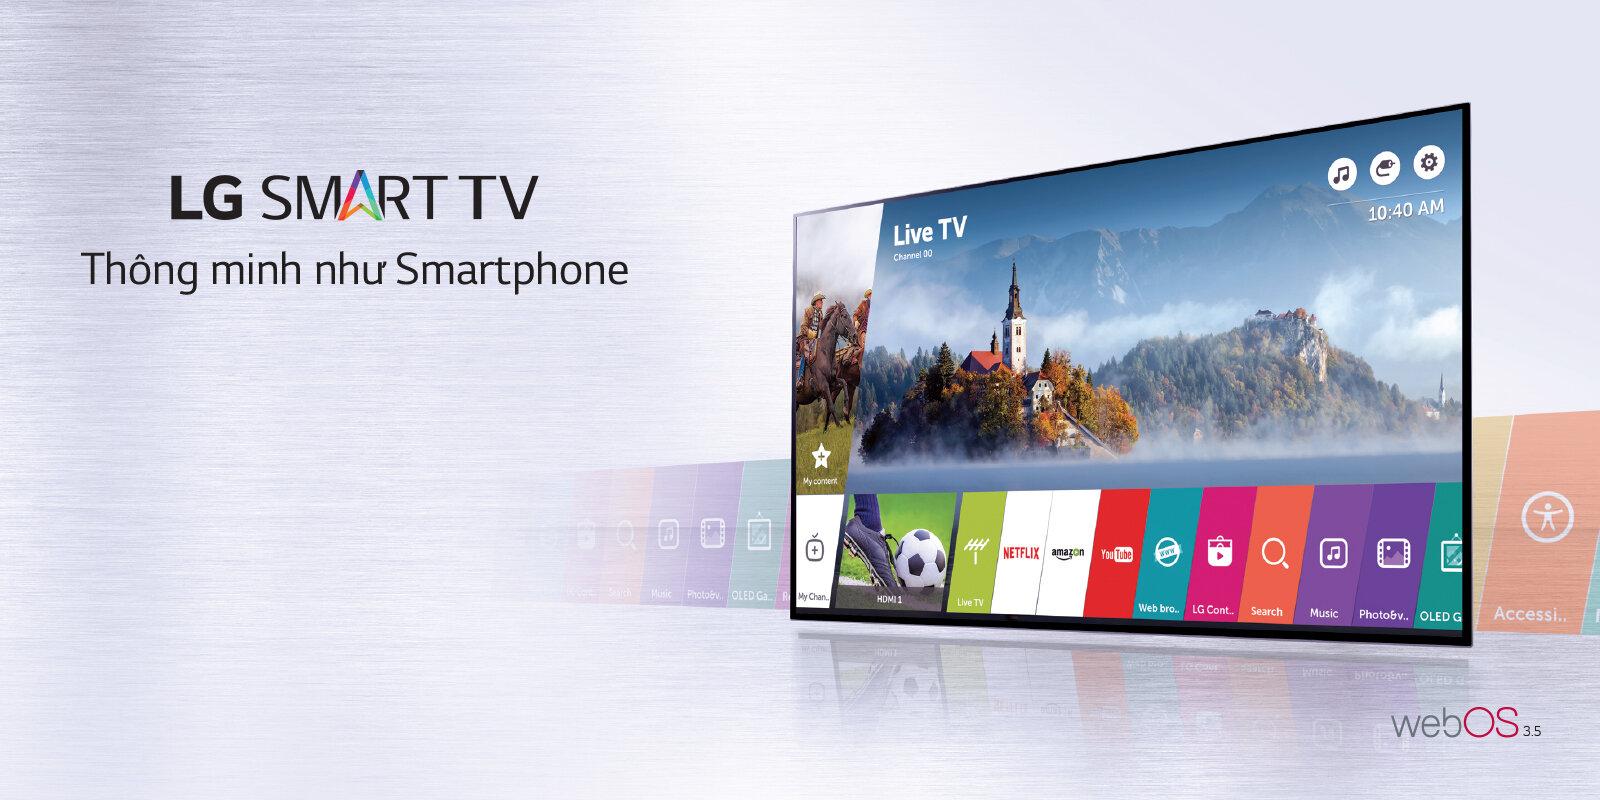 Trình duyệt web của smart tivi LG rất dễ sử dụng